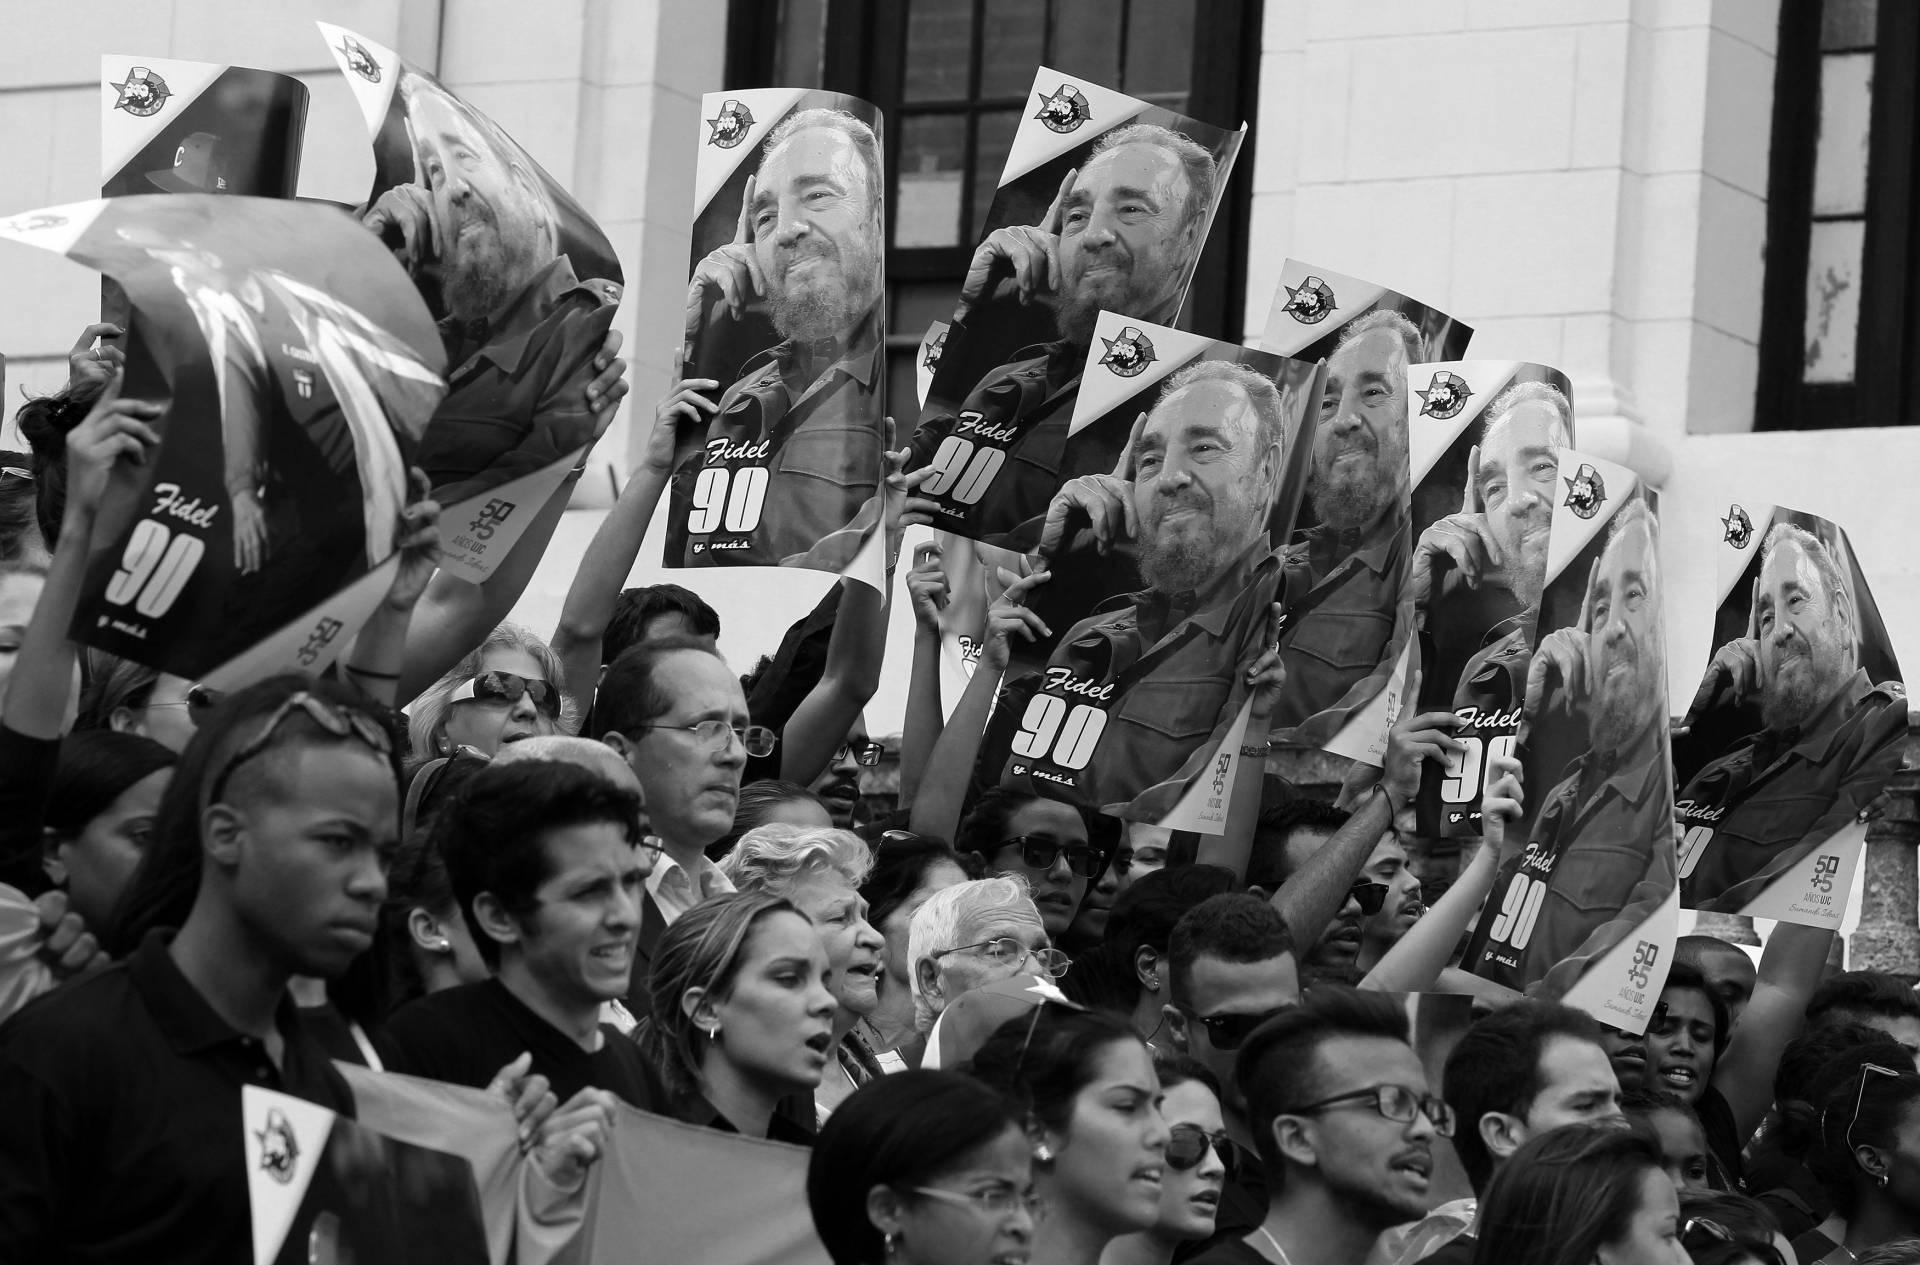 Cientos de cubanos aclaman a Fidel Castro y muestran su imagen en las manos.